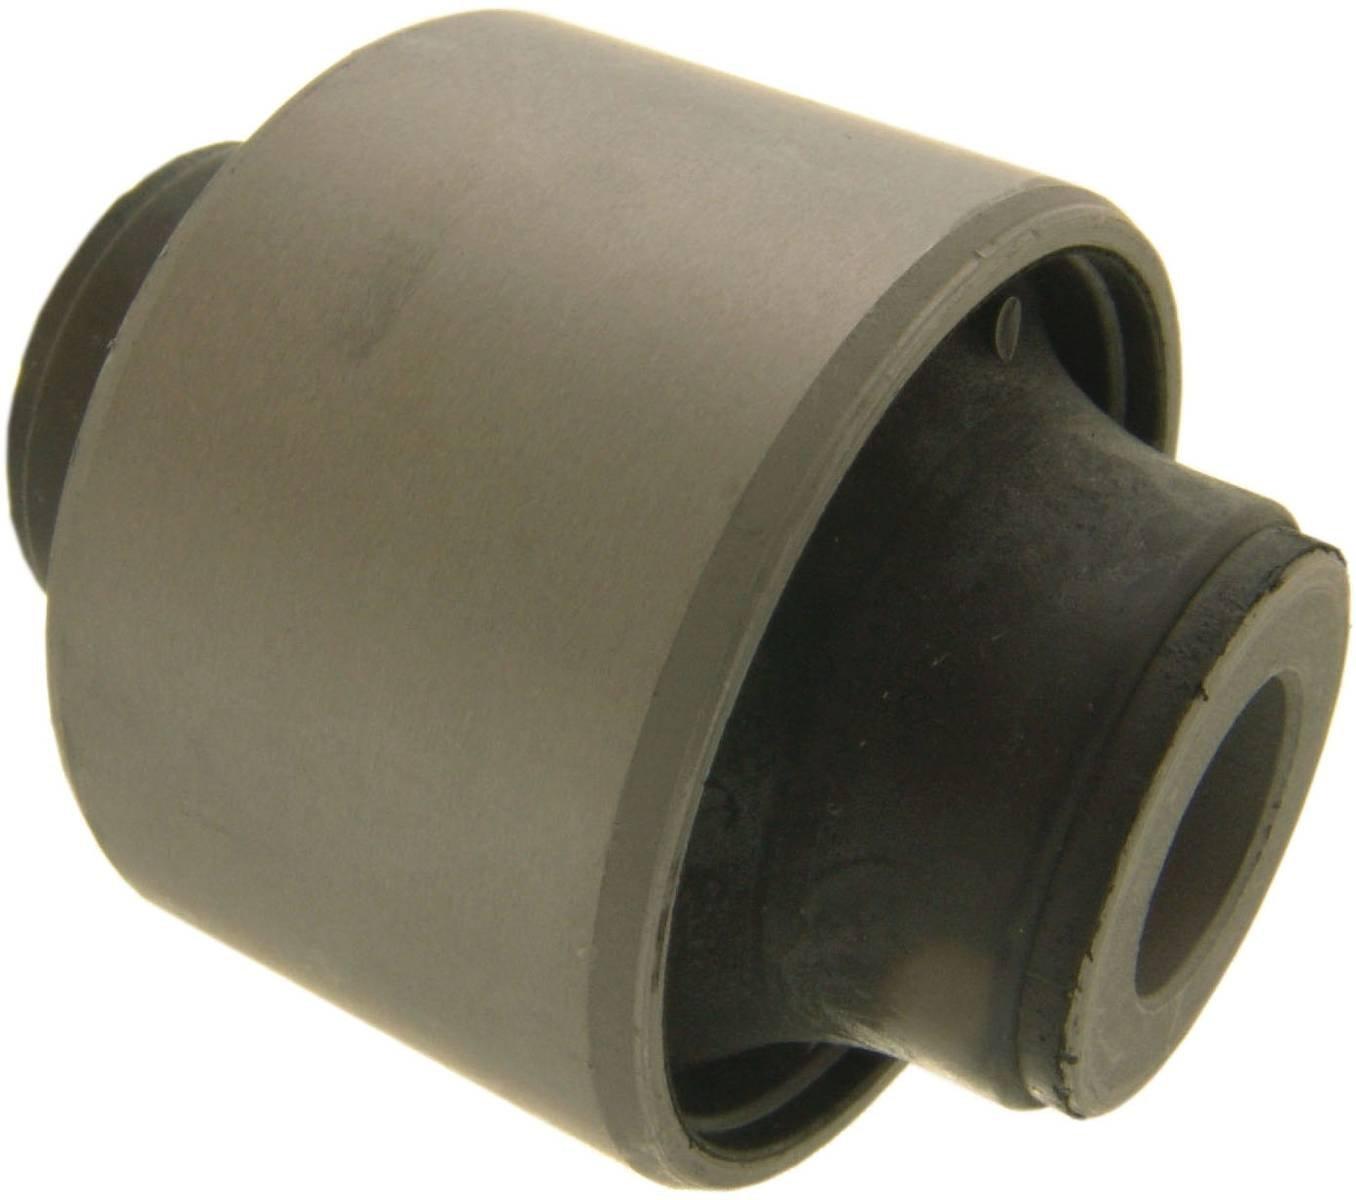 52622Sp0003 - Arm Bushing (for the Rear Shock Absorber) For Honda - Febest